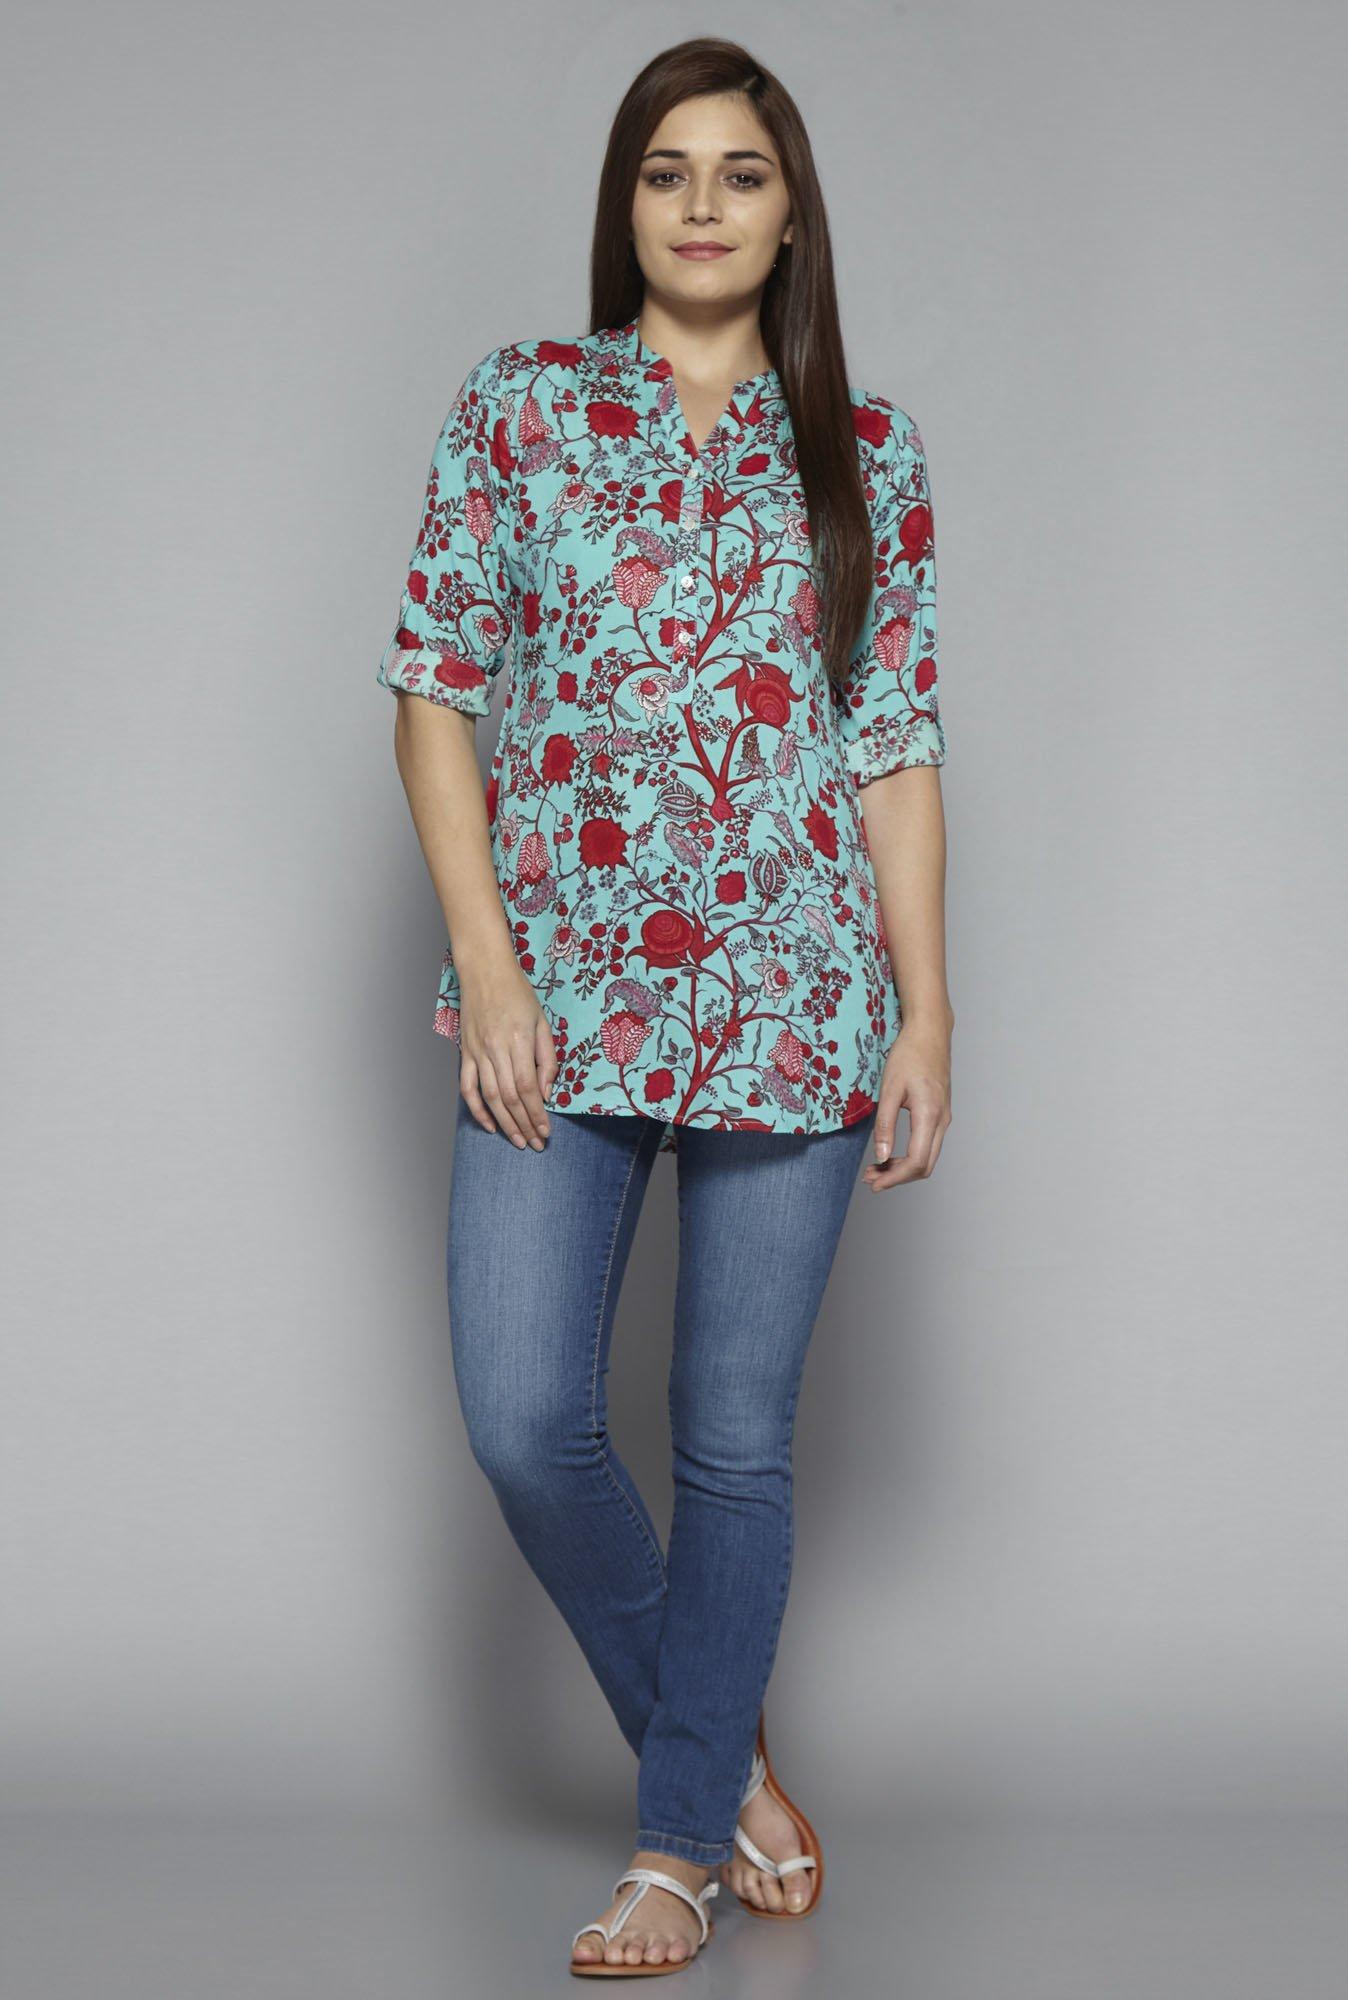 Westside clothing shop online